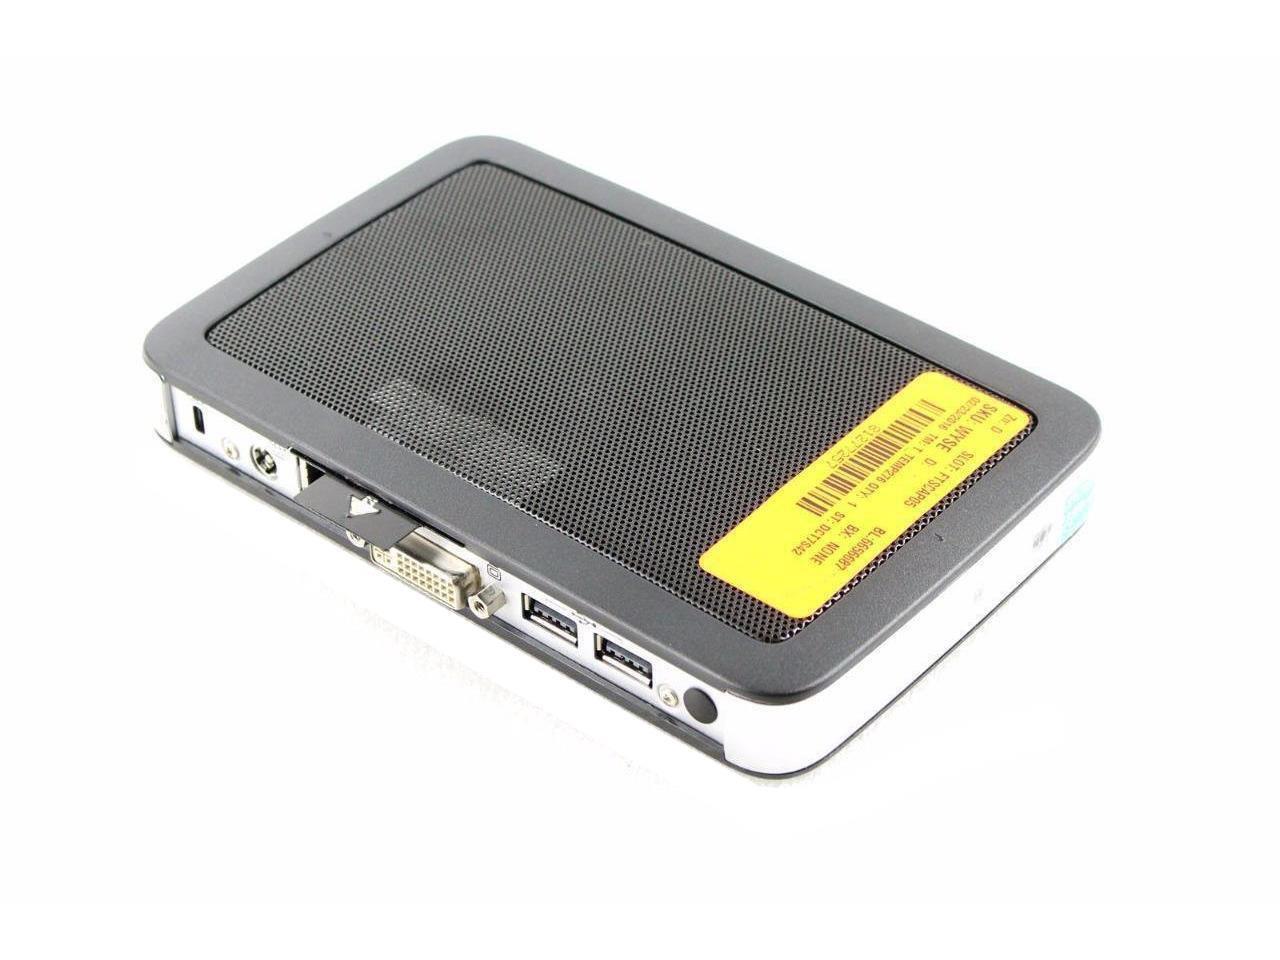 Dell Wyse Tx0 3010 Thin Client MARVEL PJ4 1GHz CPU 1GB RAM DDR3 RJ-45 V7W37